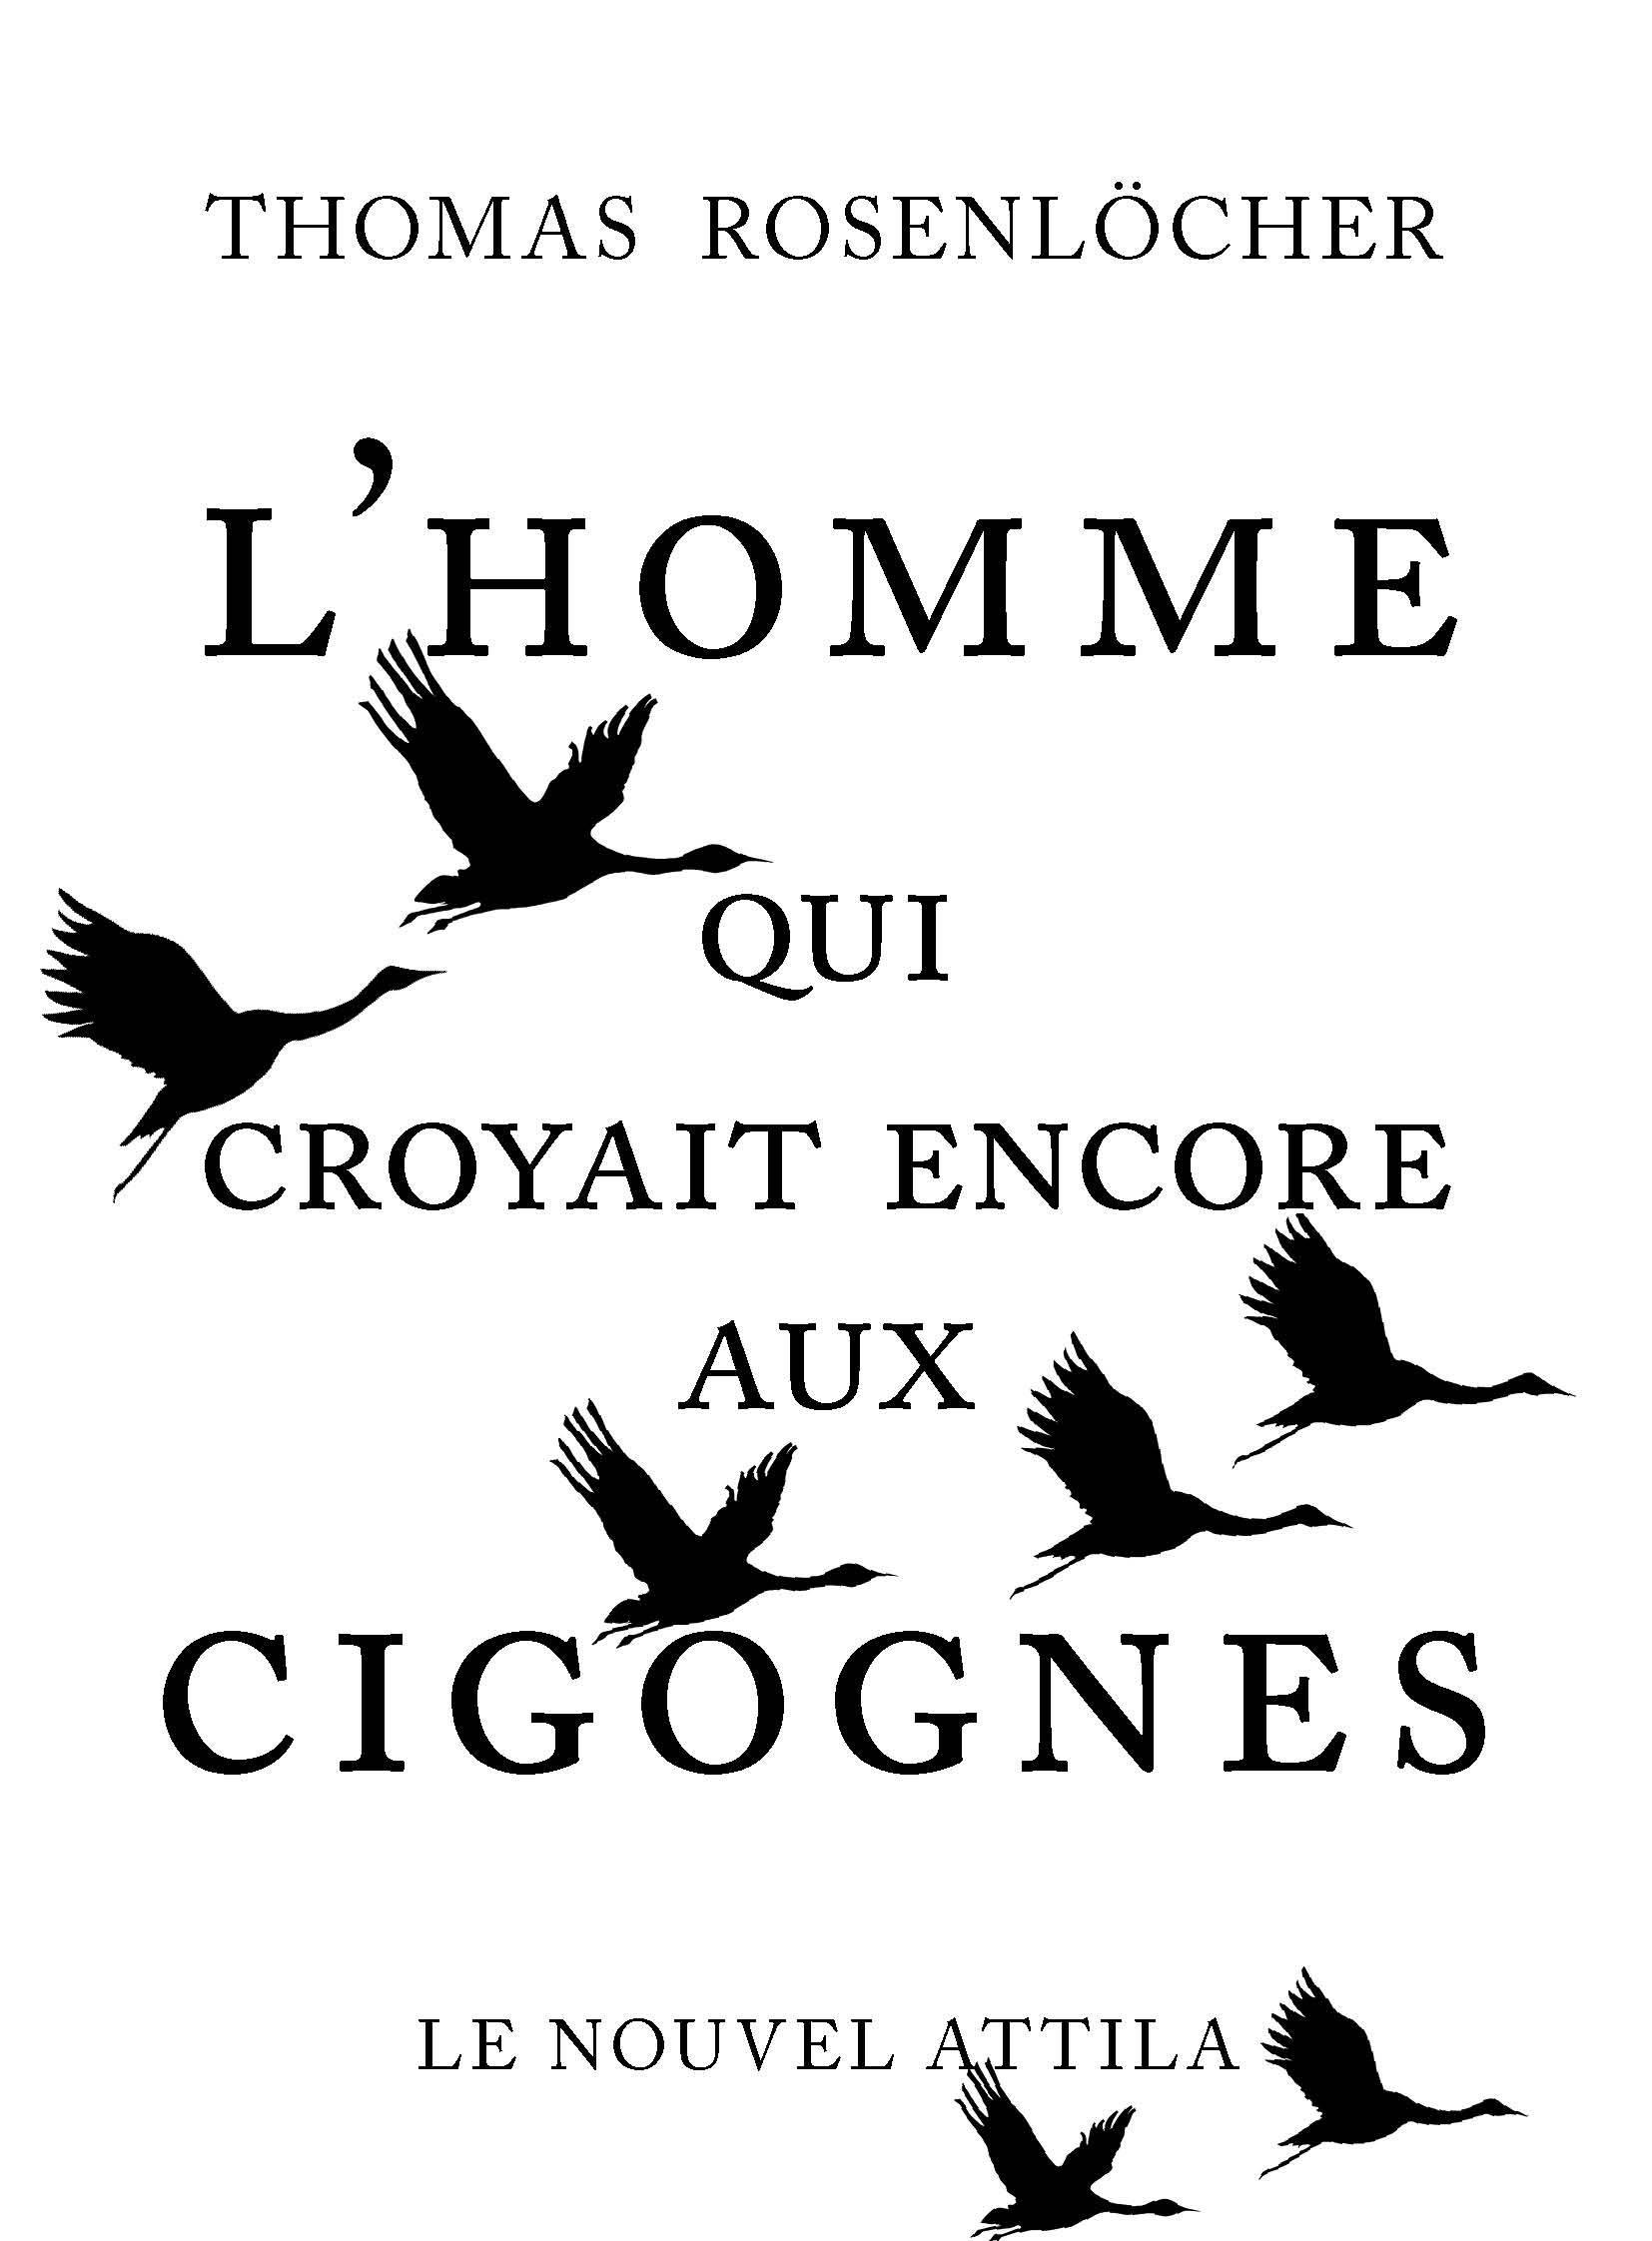 L'HOMME QUI CROYAIT ENCORE AUX CIGOGNES